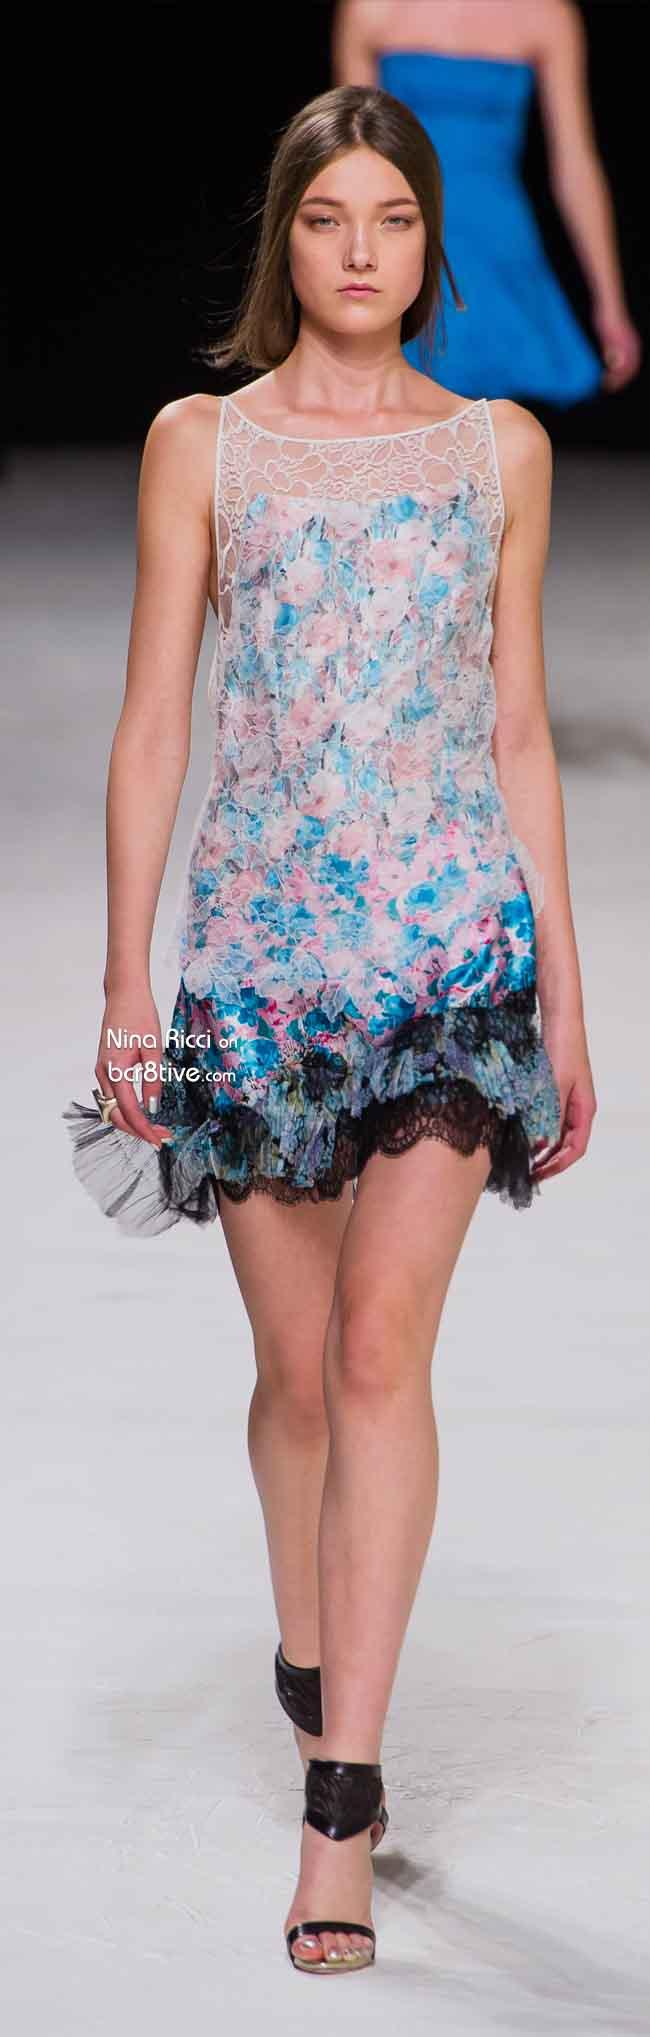 Nina Ricci Spring 2014